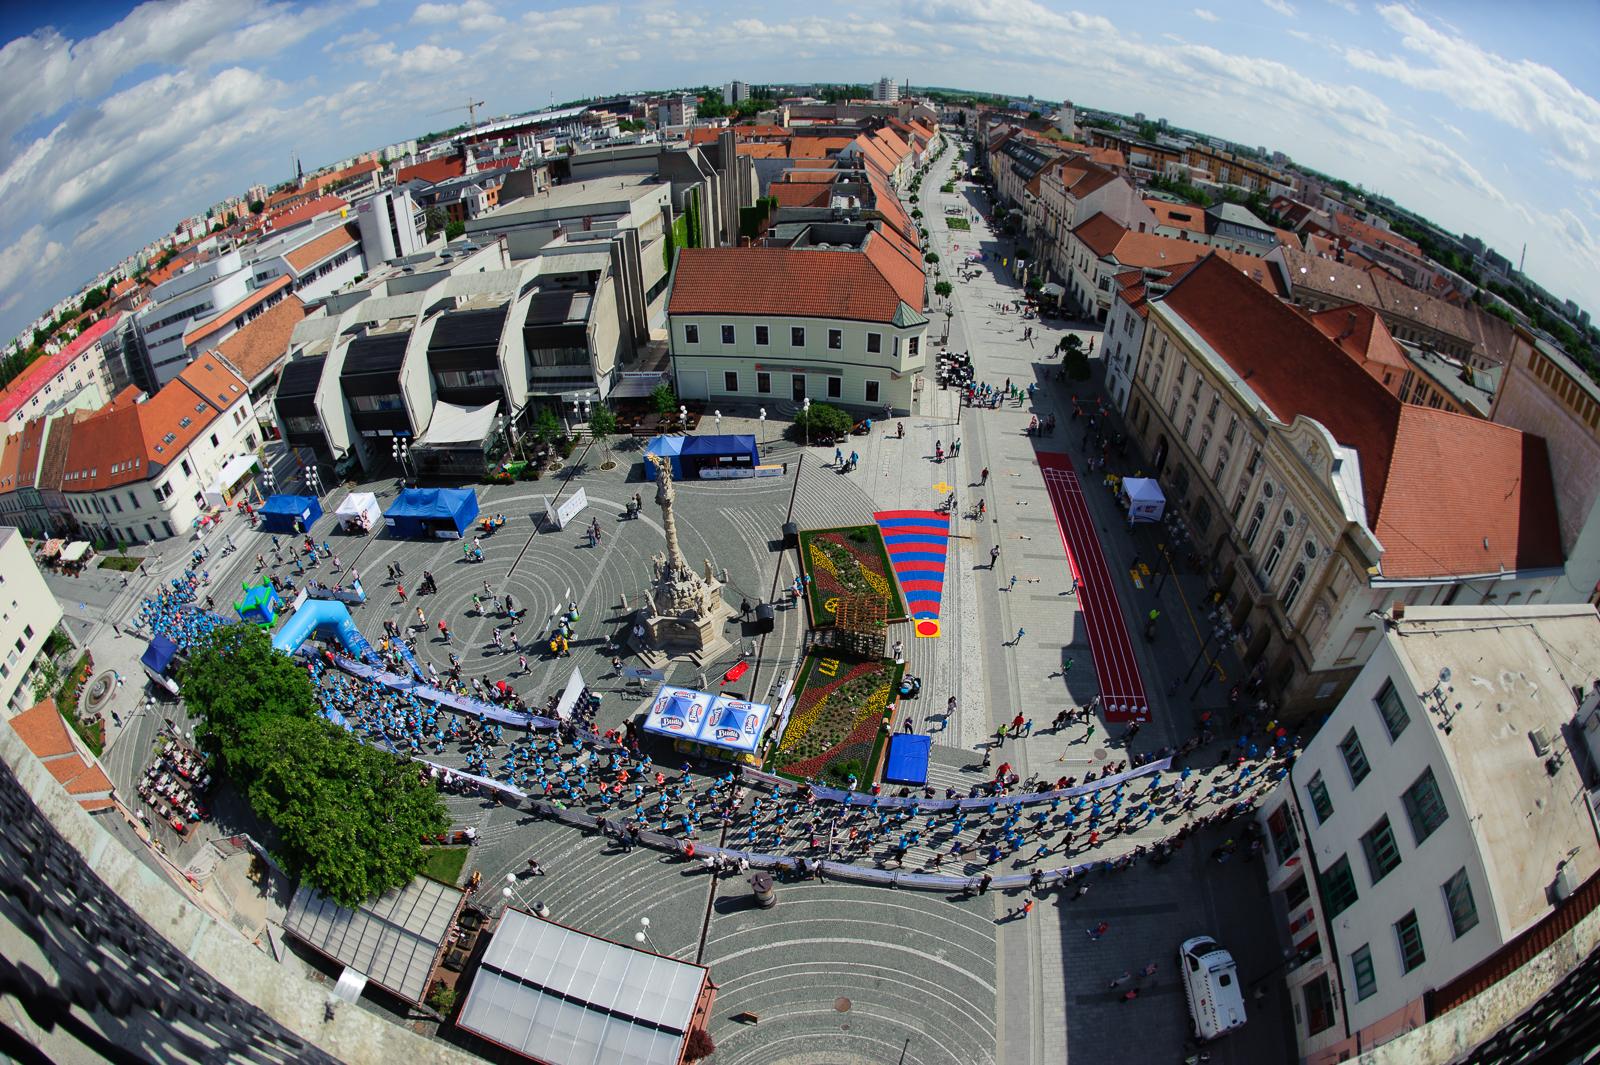 Pohľad na Trojičné námestie v Trnave, počas Tesco behu pre deti, 17.5.2015, Trnava, Slovensko